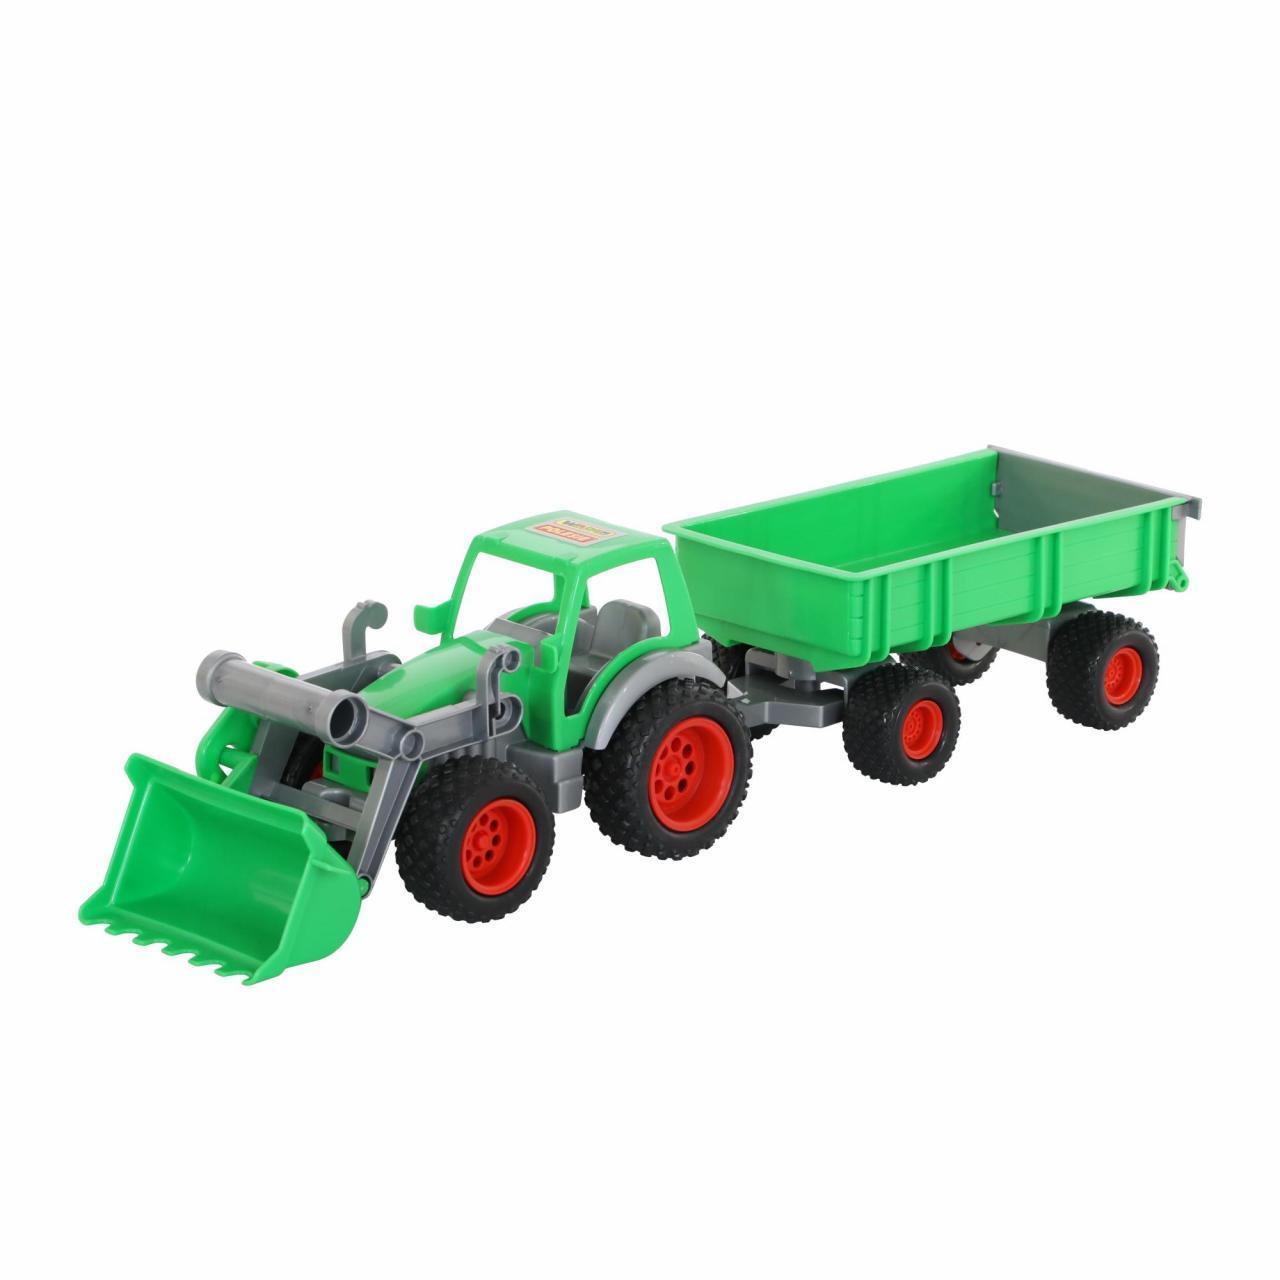 """Трактор-погрузчик """"Фермер-техник"""" с прицепом, резиновые колеса, Полесье, 8817"""